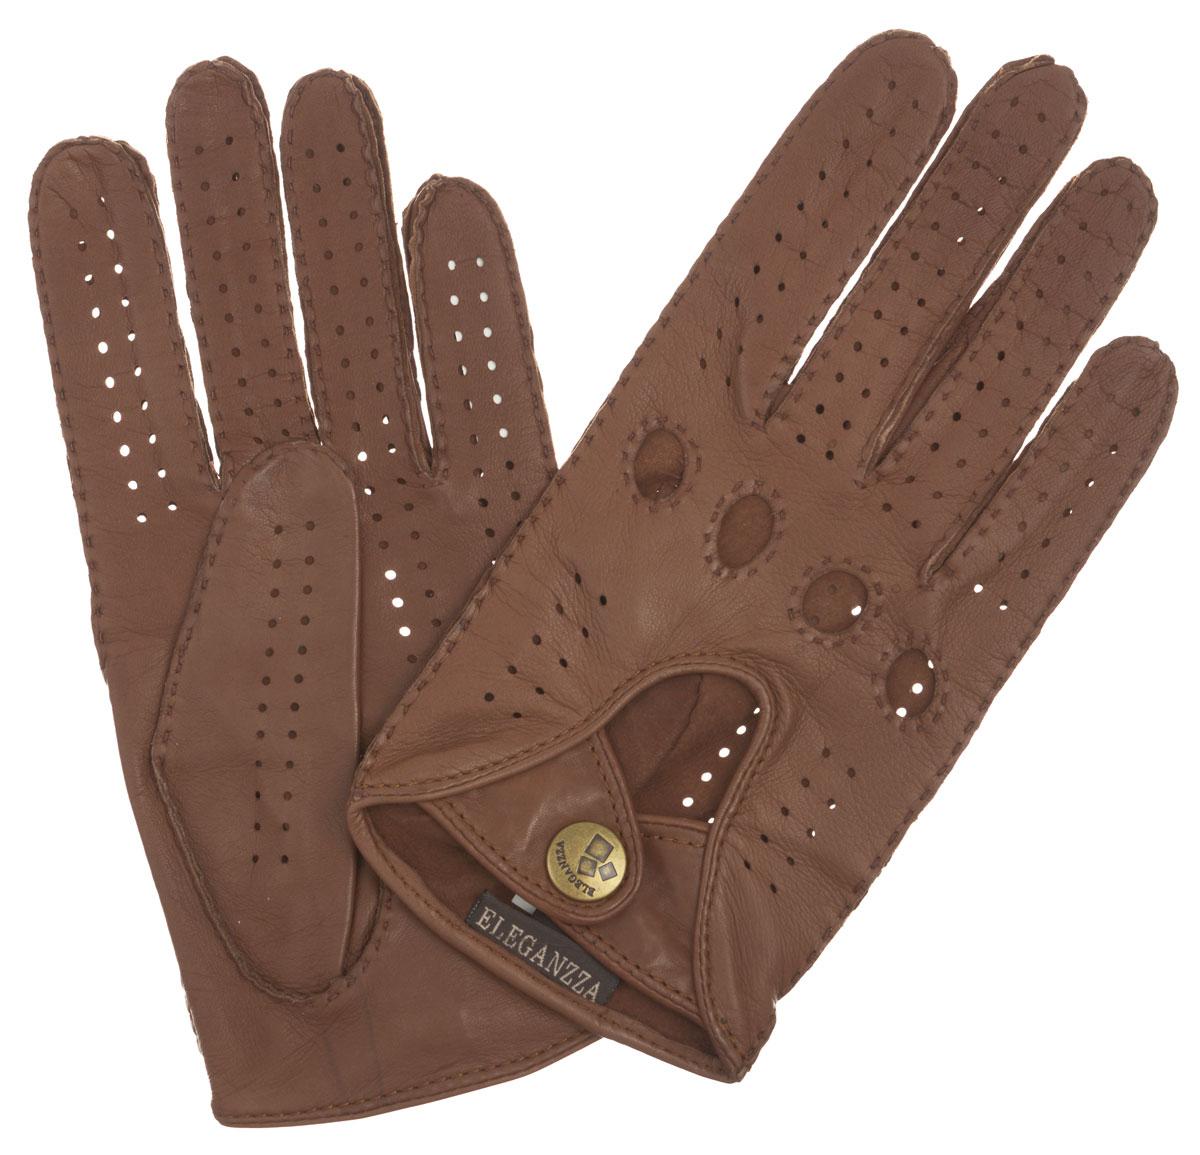 HS011WСтильные женские перчатки Eleganzza помогут правильно расставить модные акценты в вашем образе. Они выполнены из мягкой и приятной на ощупь кожи. Модель декорирована перфорацией на лицевой и ладонной стороне, вырезами под косточки пальцев. На лицевой стороне декоративный вырез и два ремешка на кнопке. Такие перчатки станут идеальным аксессуаром, дополняющим ваш стиль и неповторимость.